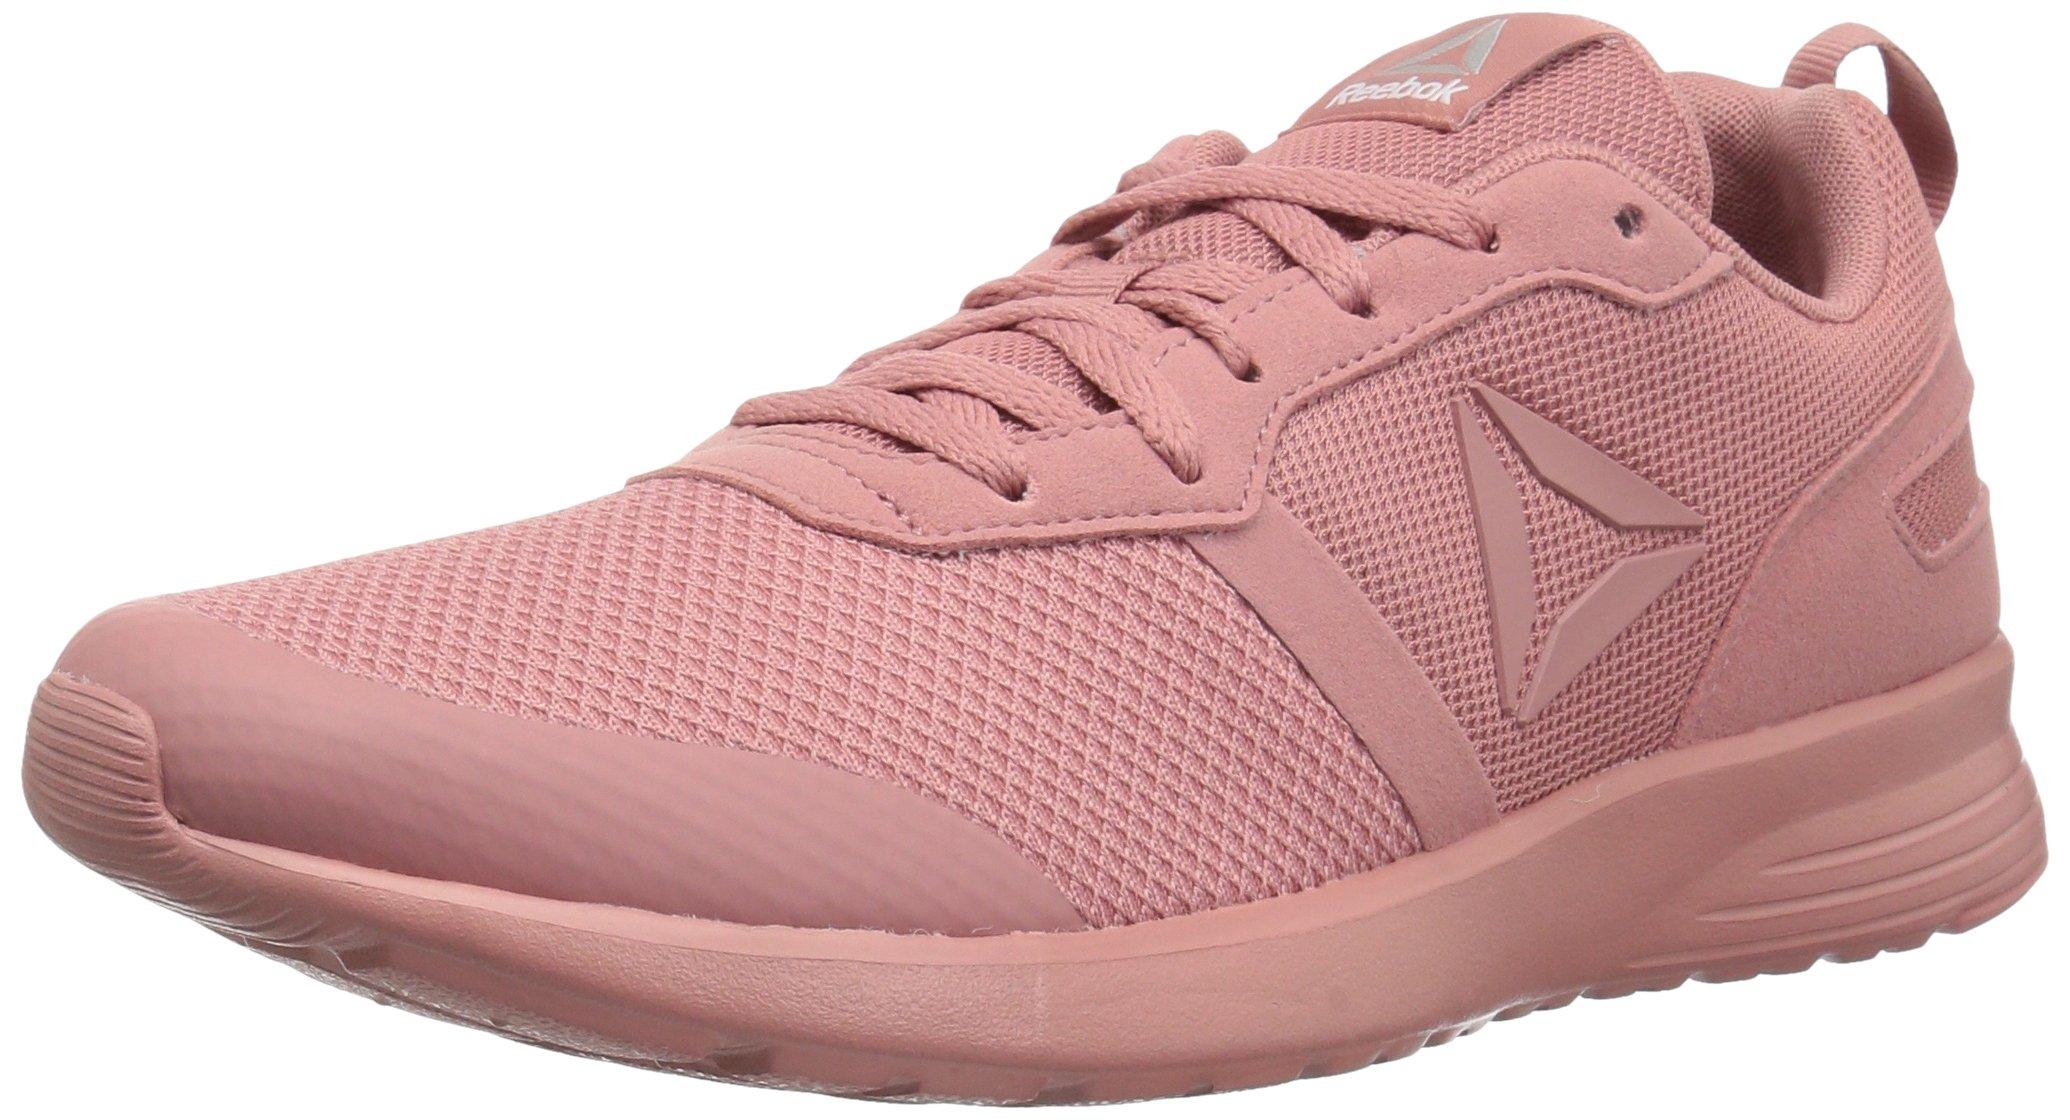 Reebok Women's Foster Flyer Track Shoe,Sandy Rose/White/Matte Silver,9 M US